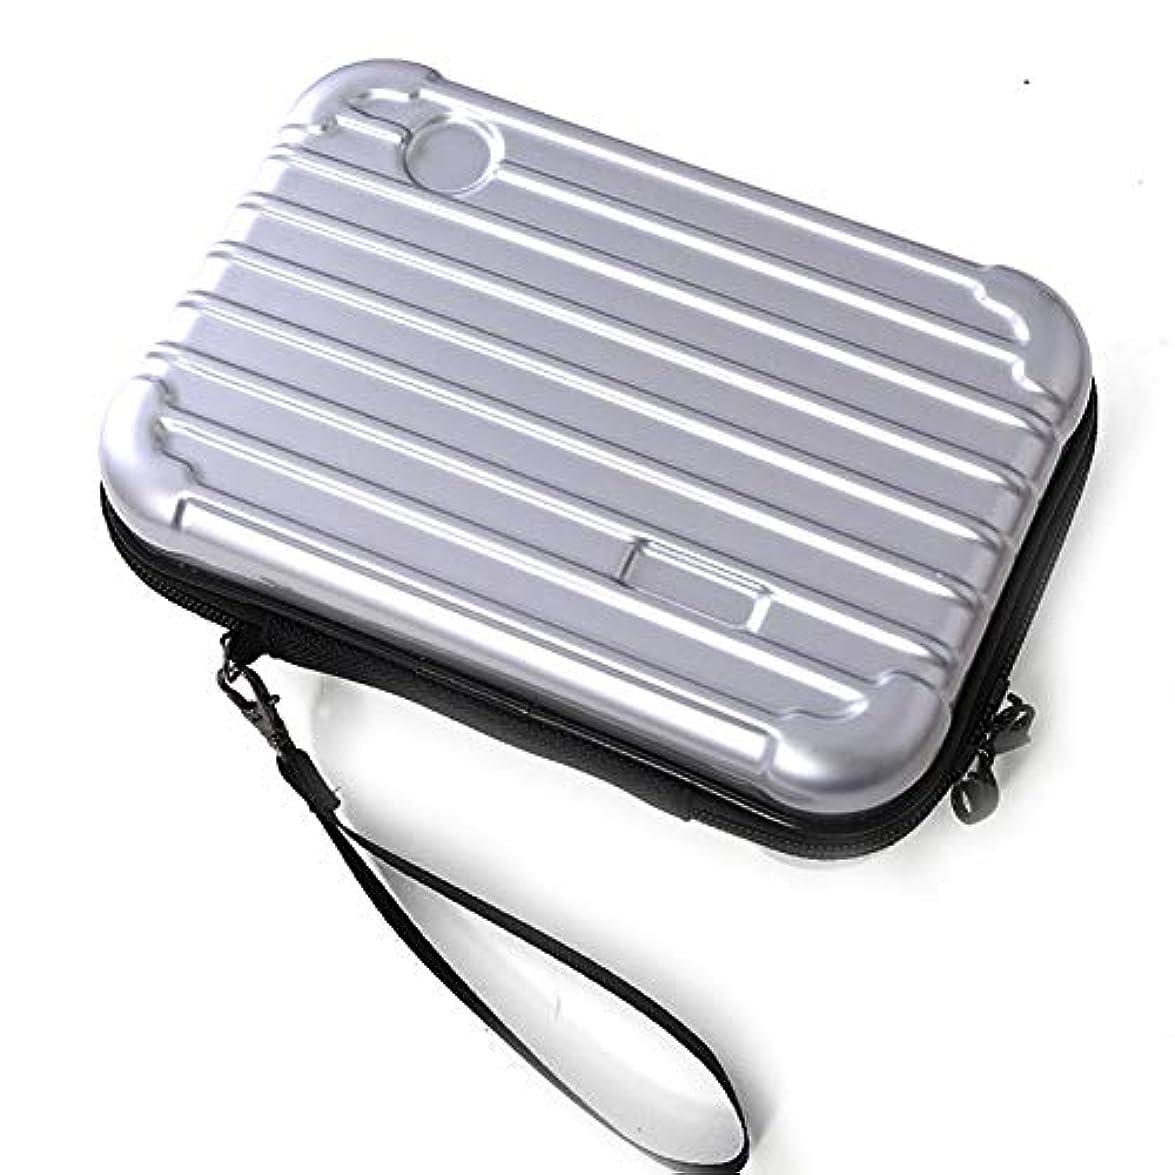 称賛幹母性Snner サコッシュ メンズ レディース ポーチ 化粧品 スーツケース 型 ミニ 旅行 バッグ アイコス スマホ 通帳 ケース #1